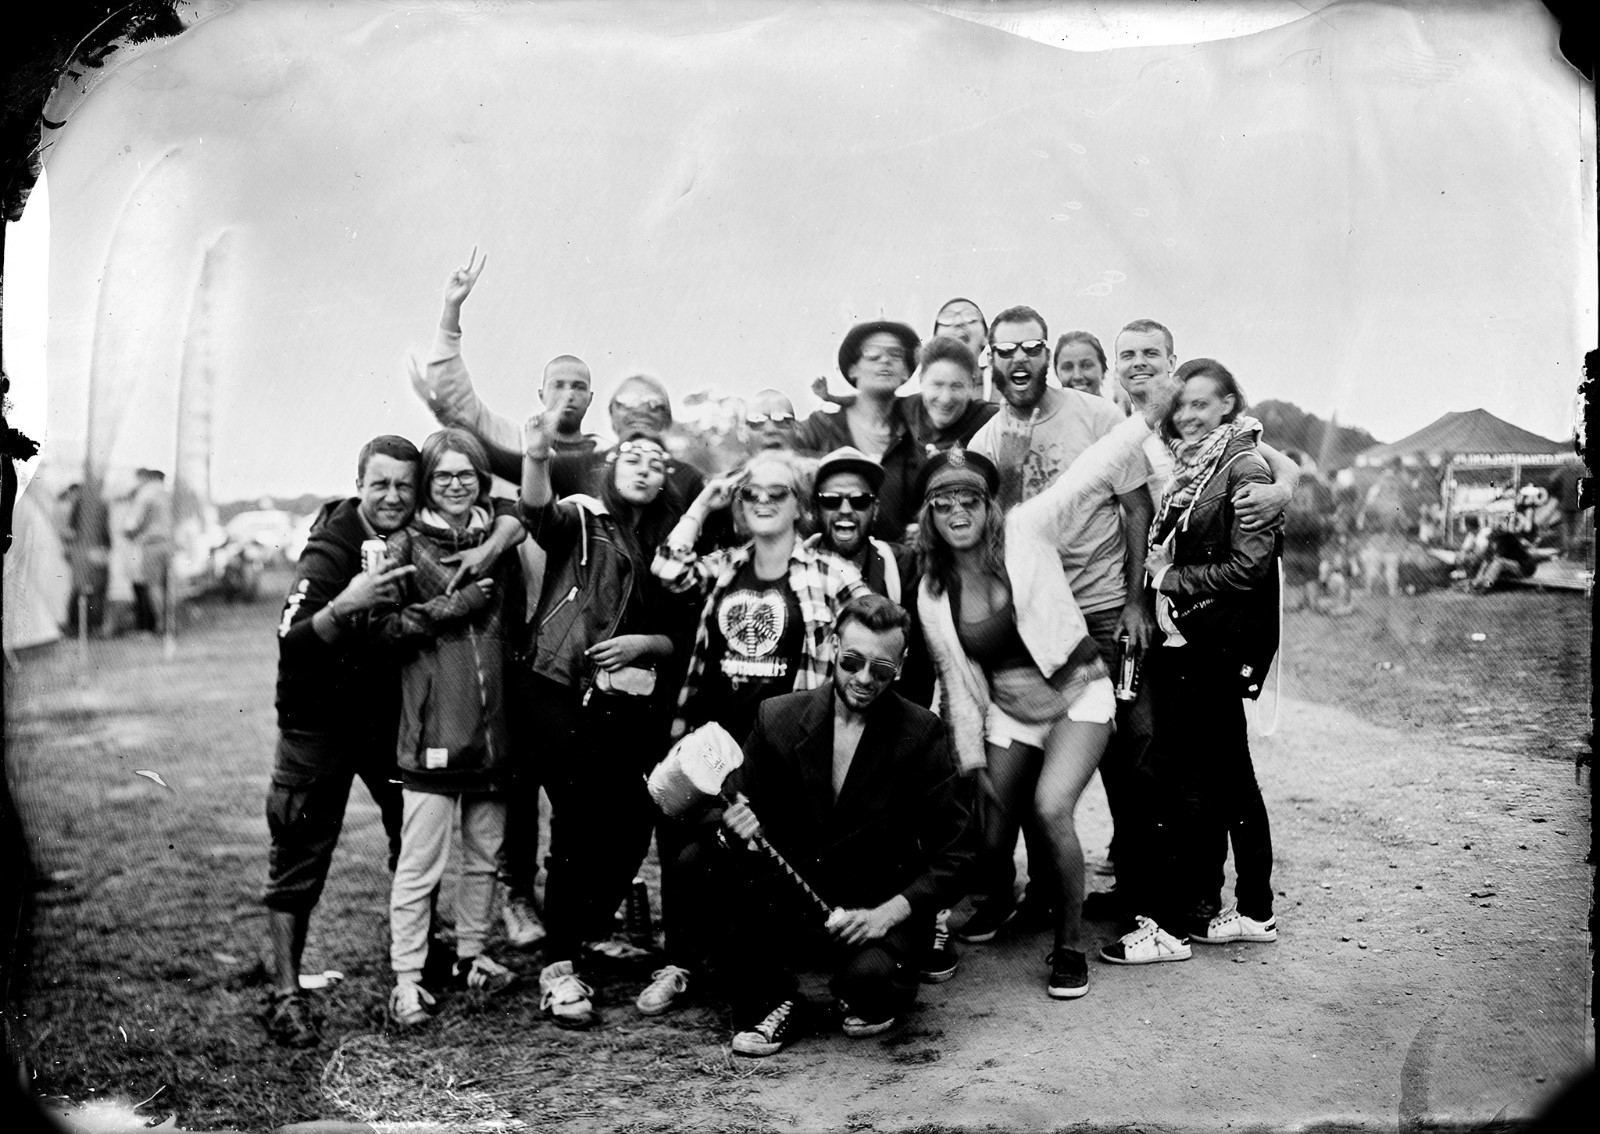 Przystanek Woodstock 2015 - Mokry Kolodion - Street Collodion Art (16)